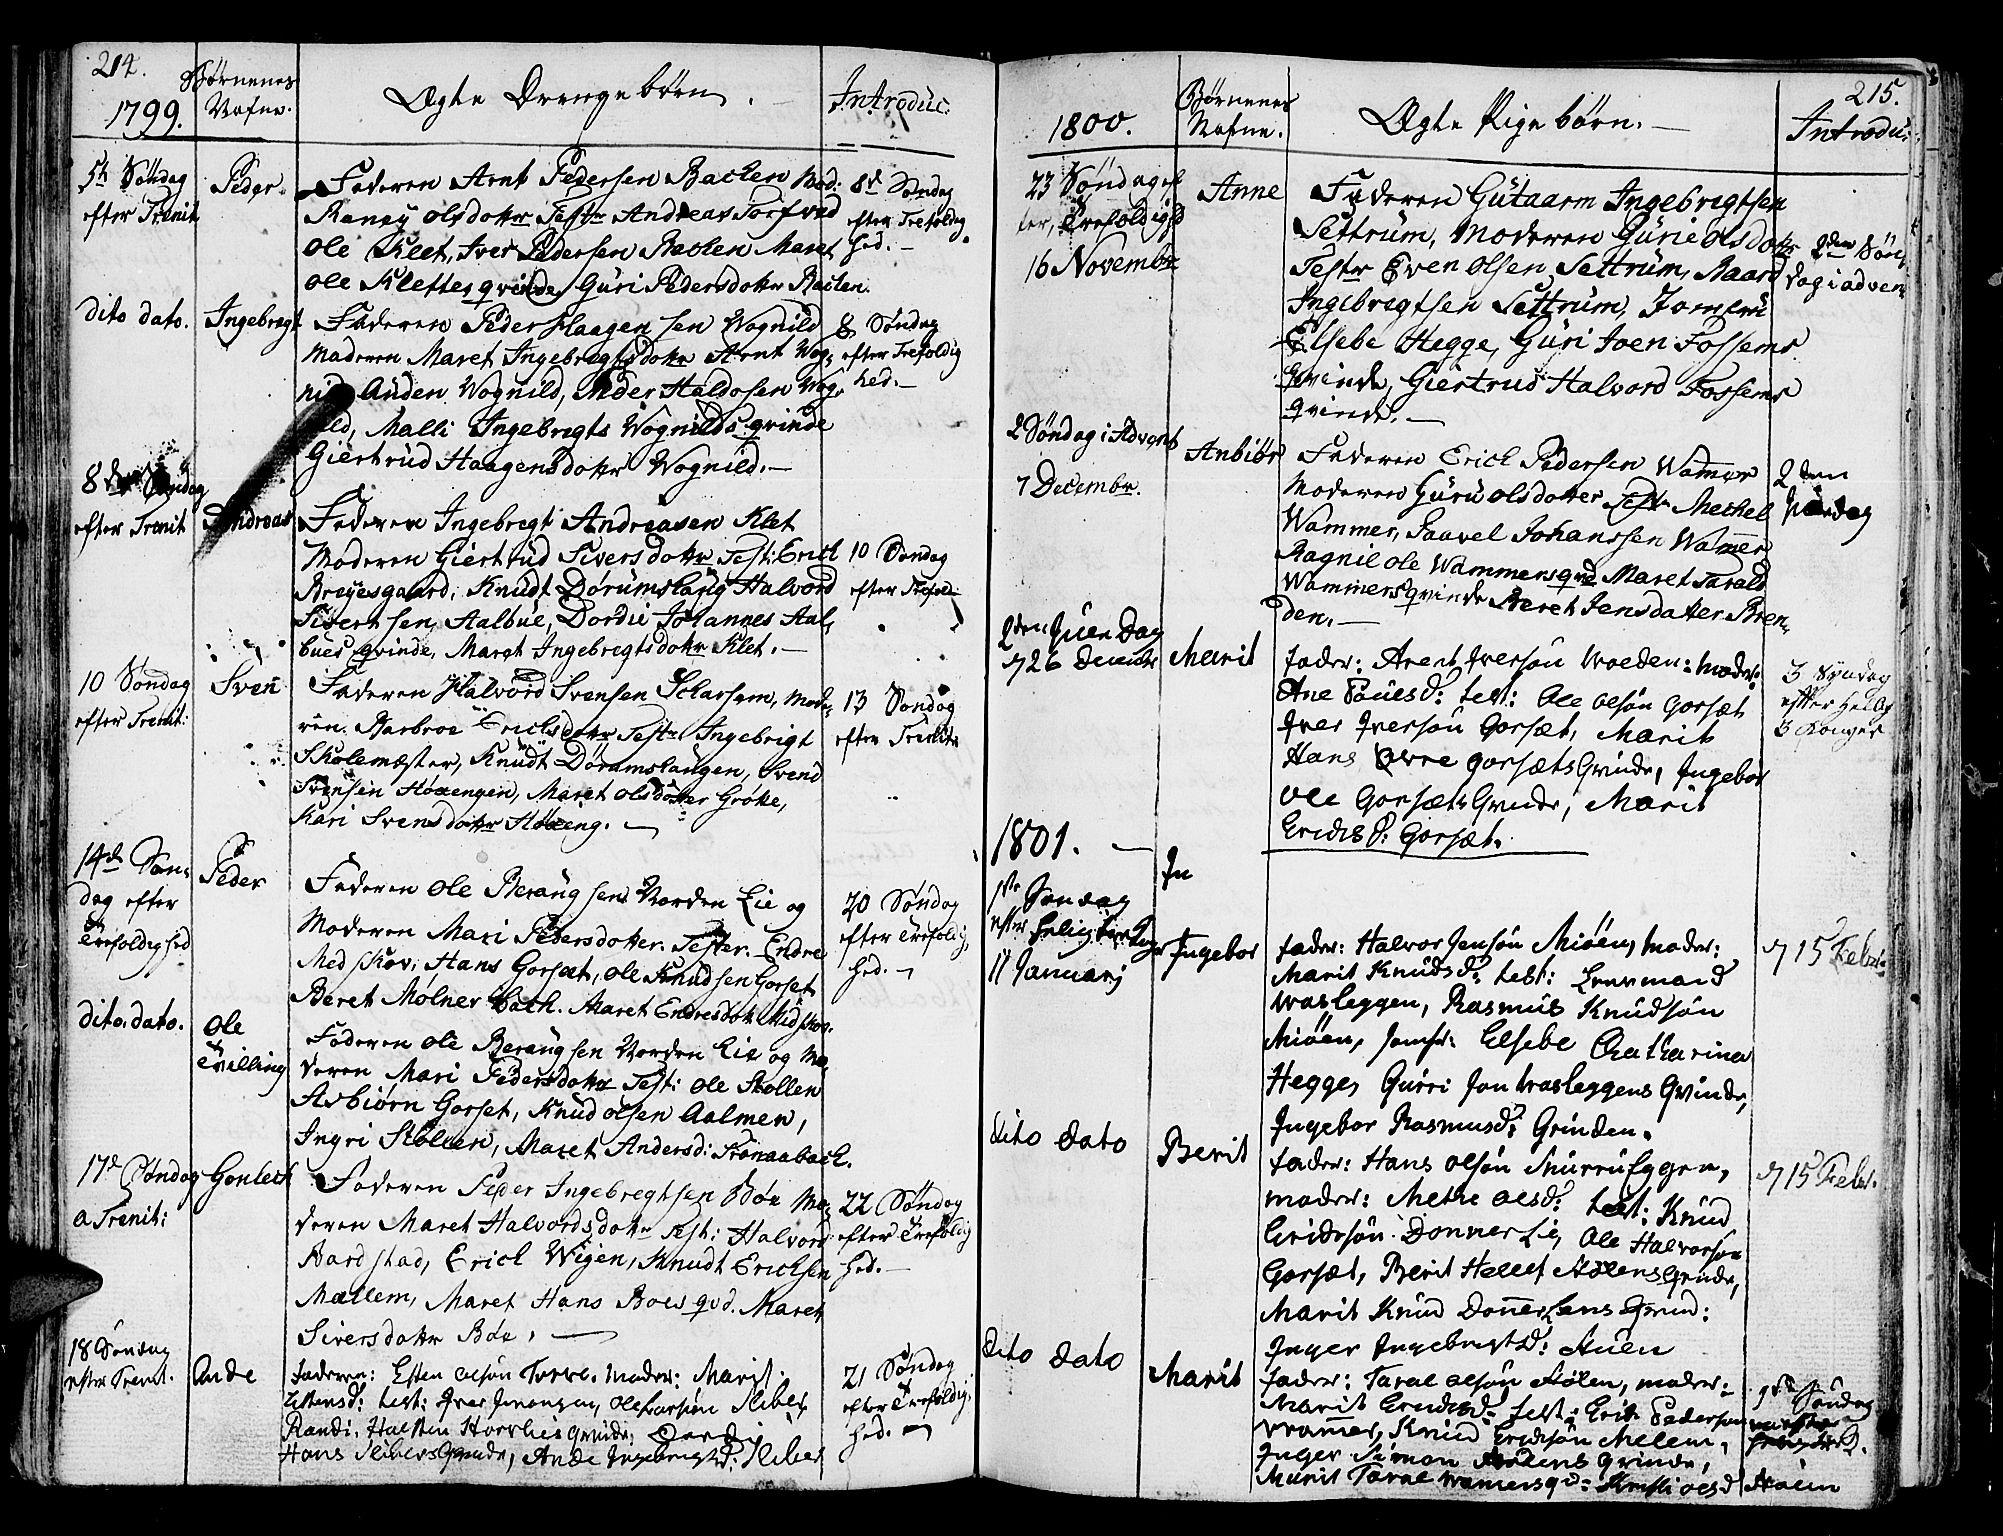 SAT, Ministerialprotokoller, klokkerbøker og fødselsregistre - Sør-Trøndelag, 678/L0893: Ministerialbok nr. 678A03, 1792-1805, s. 214-215